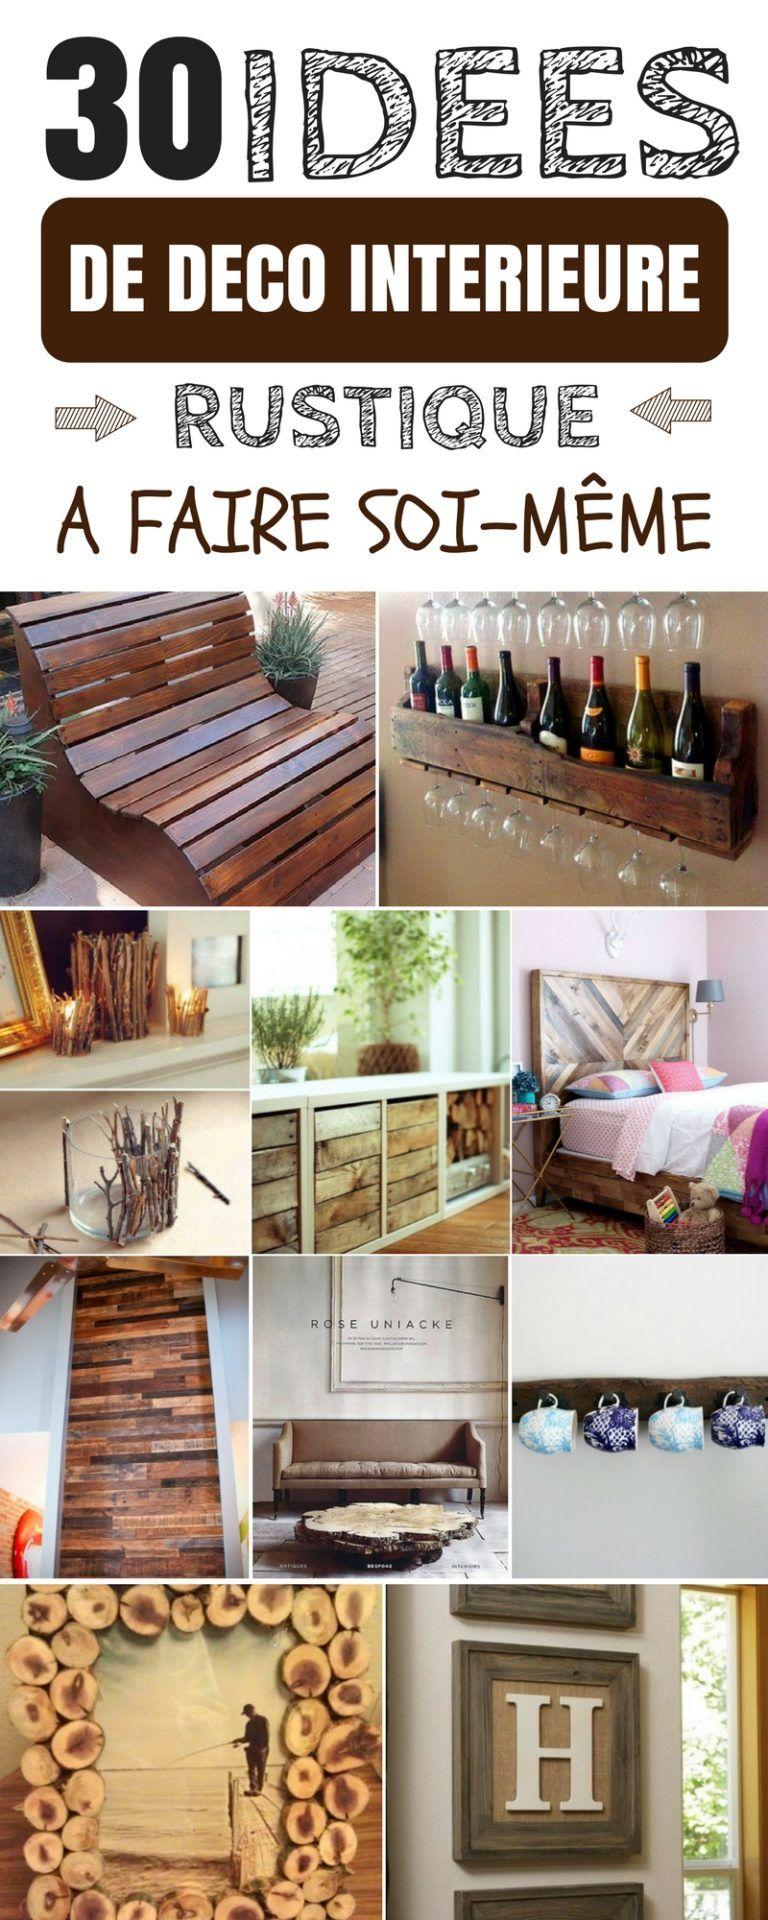 Idee Deco Campagne A Faire Soi Meme 30 idées de décoration intérieure rustique, à faire vous